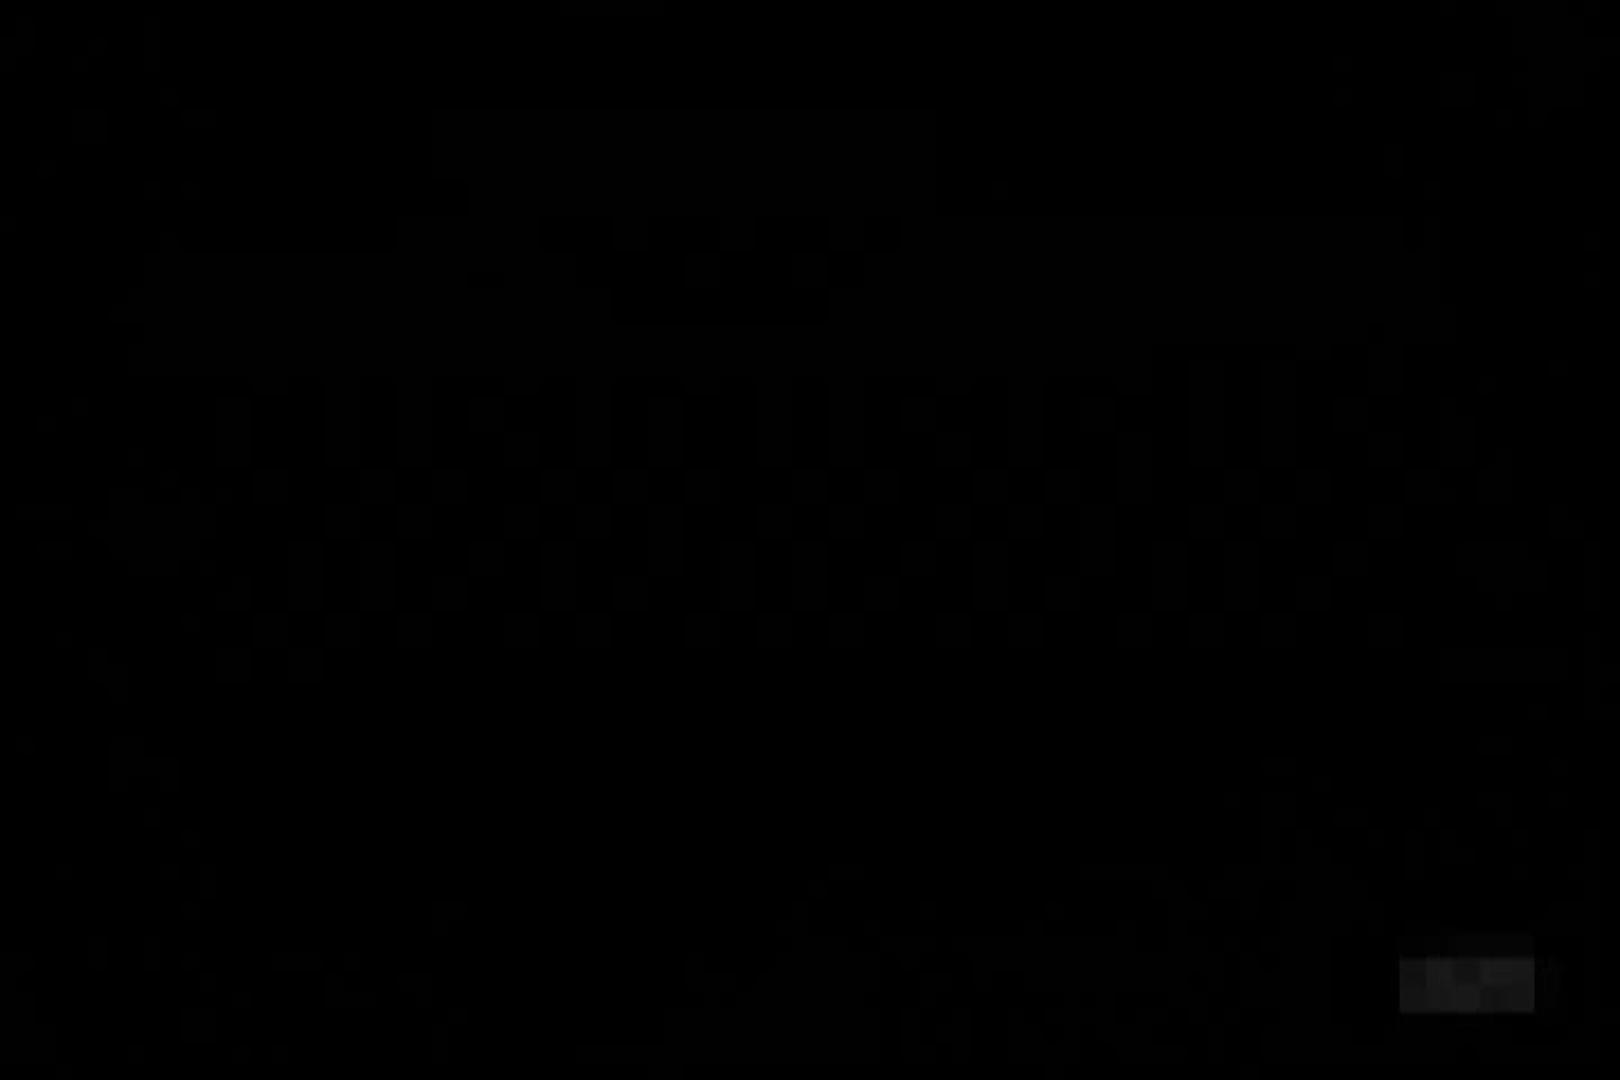 ショップギャルパンチラ!ただ今接客中!!Vol.12 パンチラ放出 盗み撮りAV無料動画キャプチャ 93pic 33